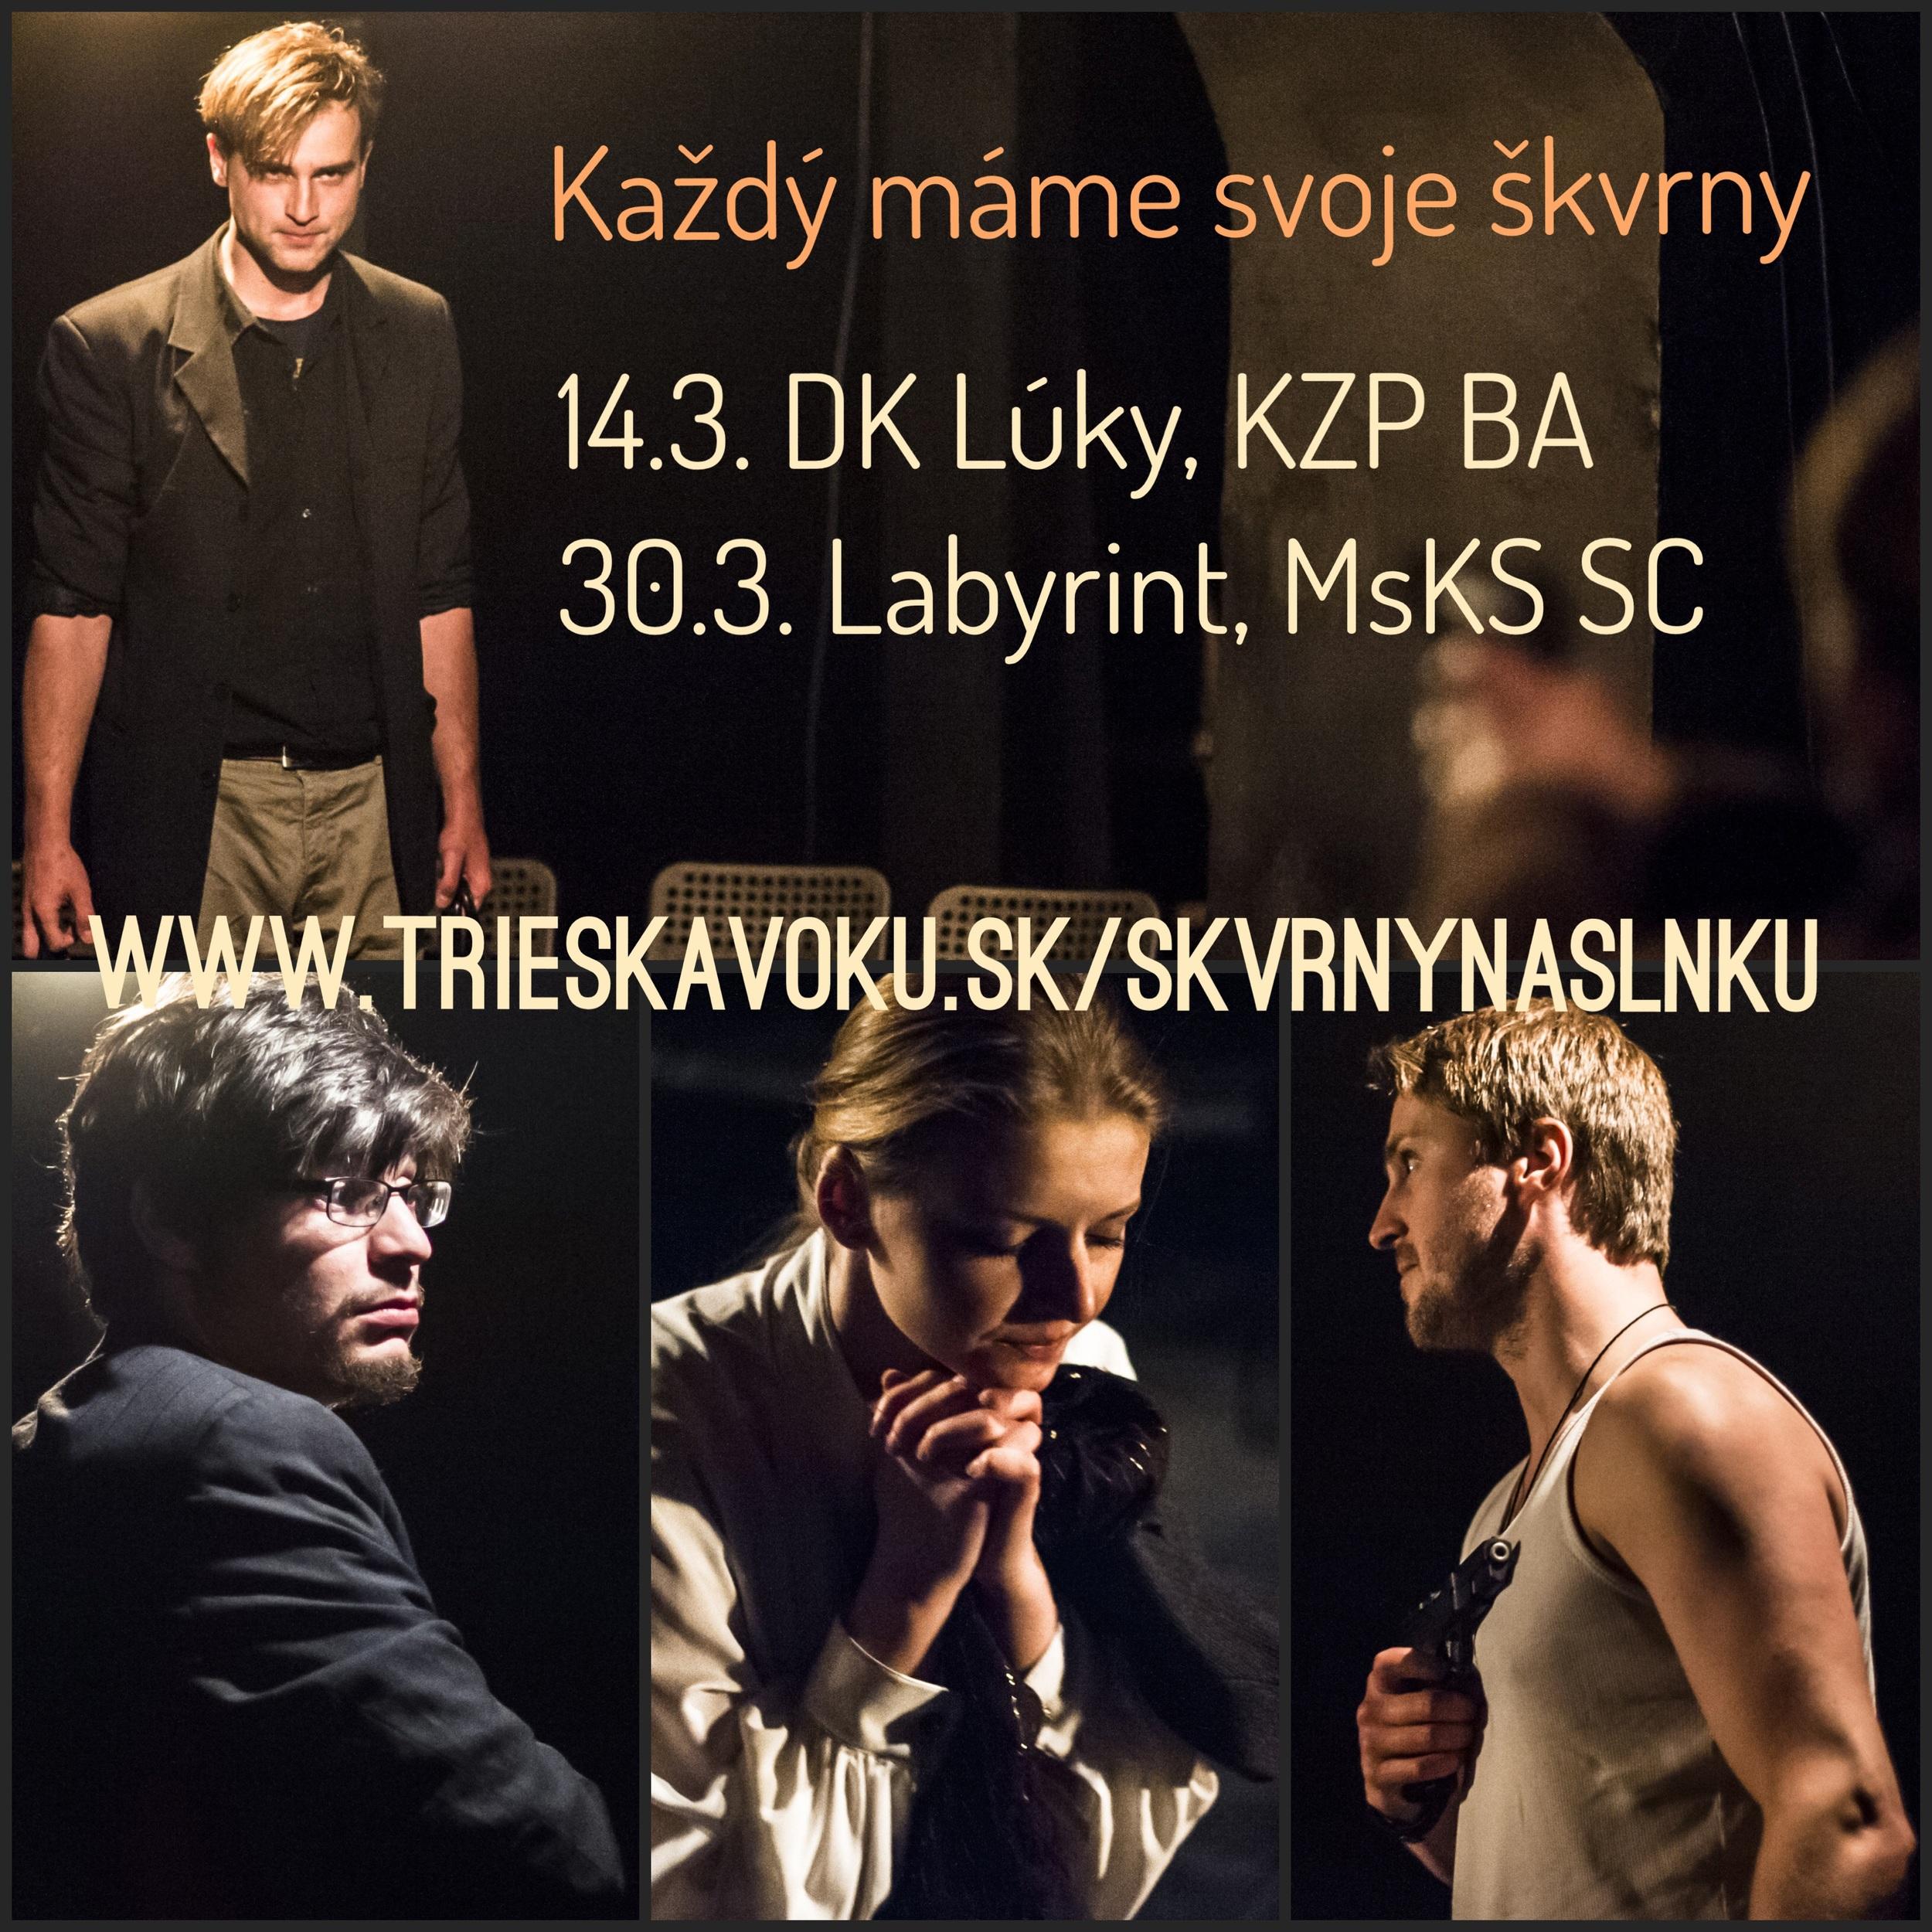 www.trieskavoku.sk/skvrnynaslnku